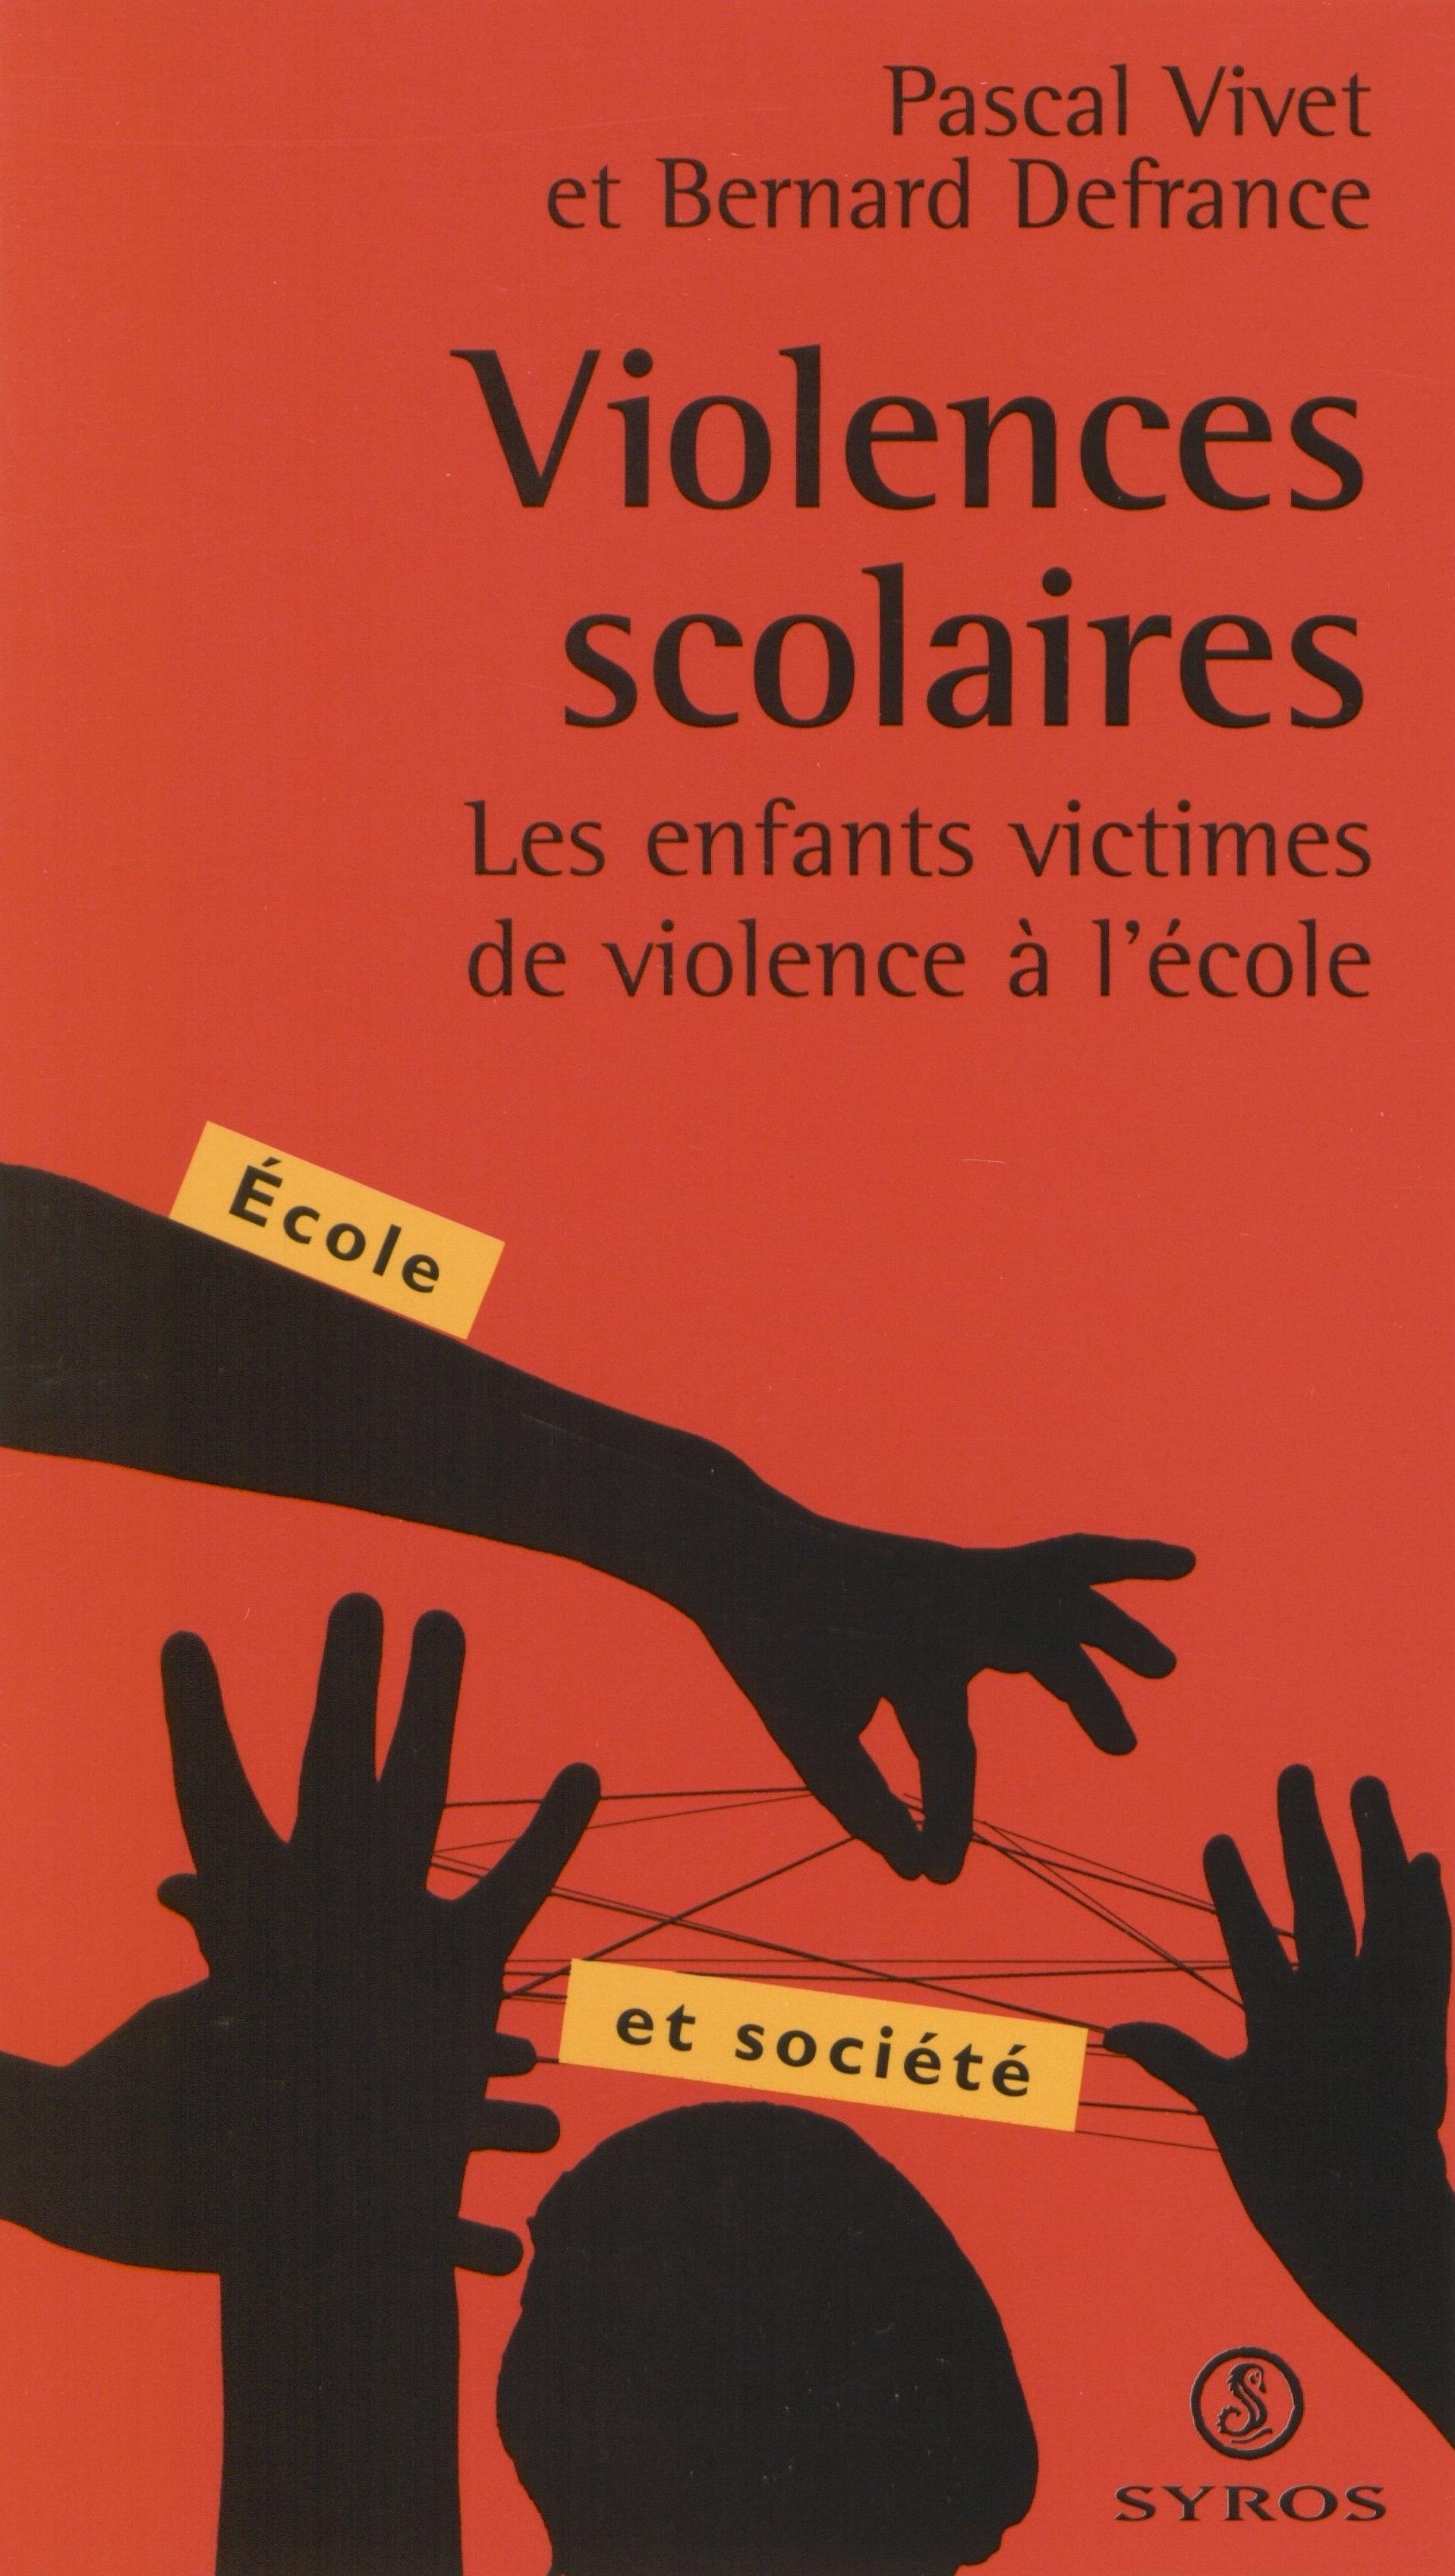 Violences scolaires, Les enfants victimes de la violence à l'école